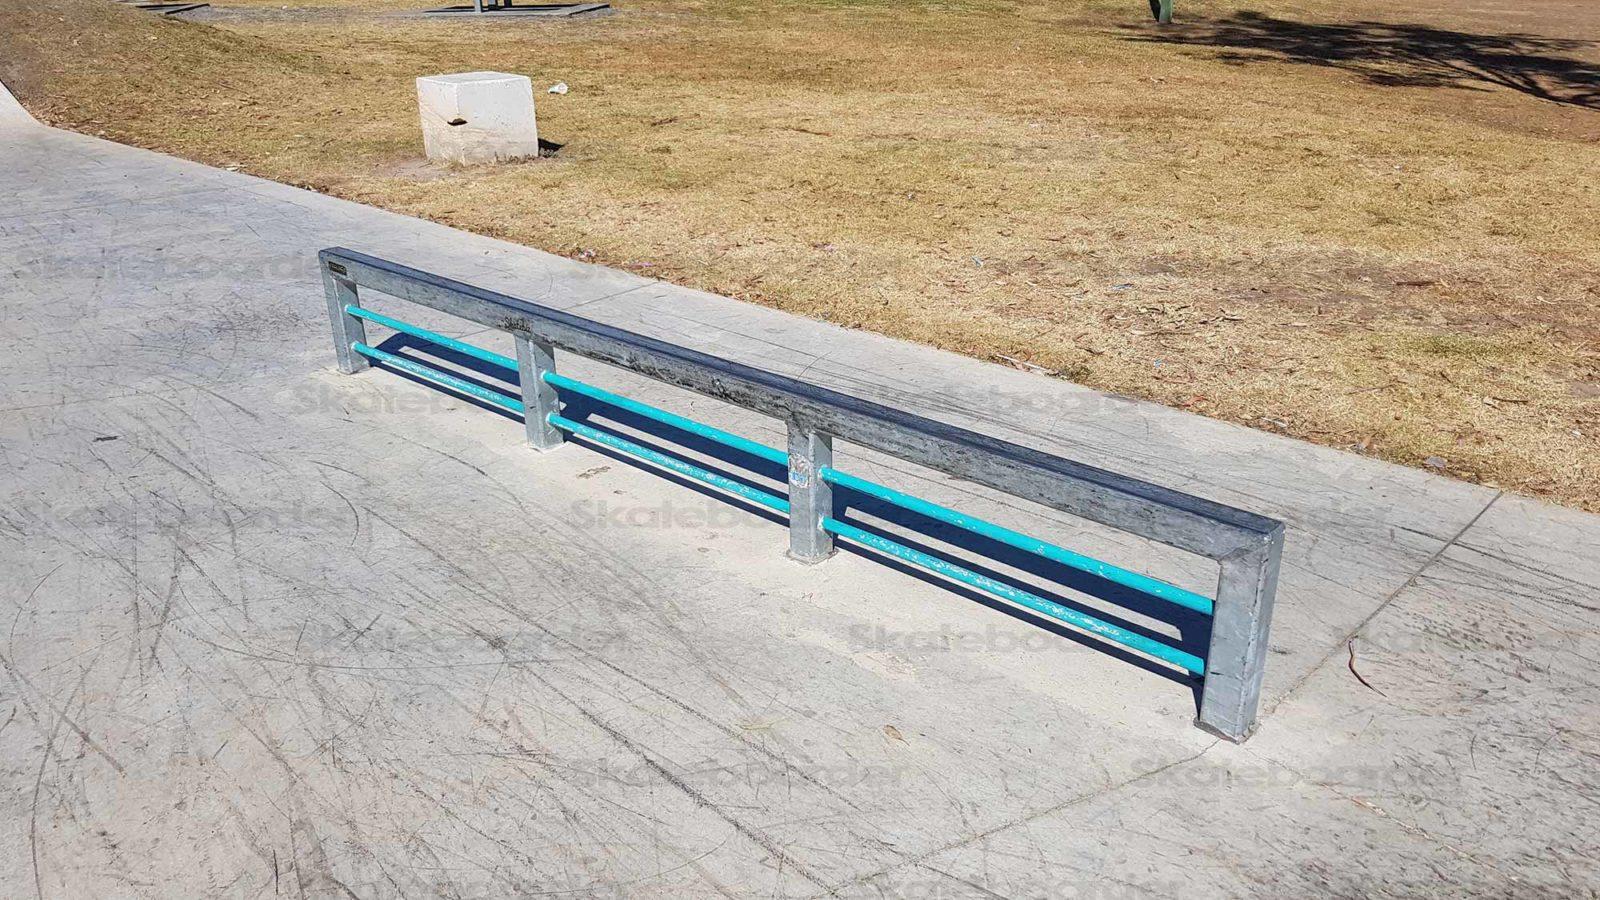 Flat Rail at Jimboomba Skate Park